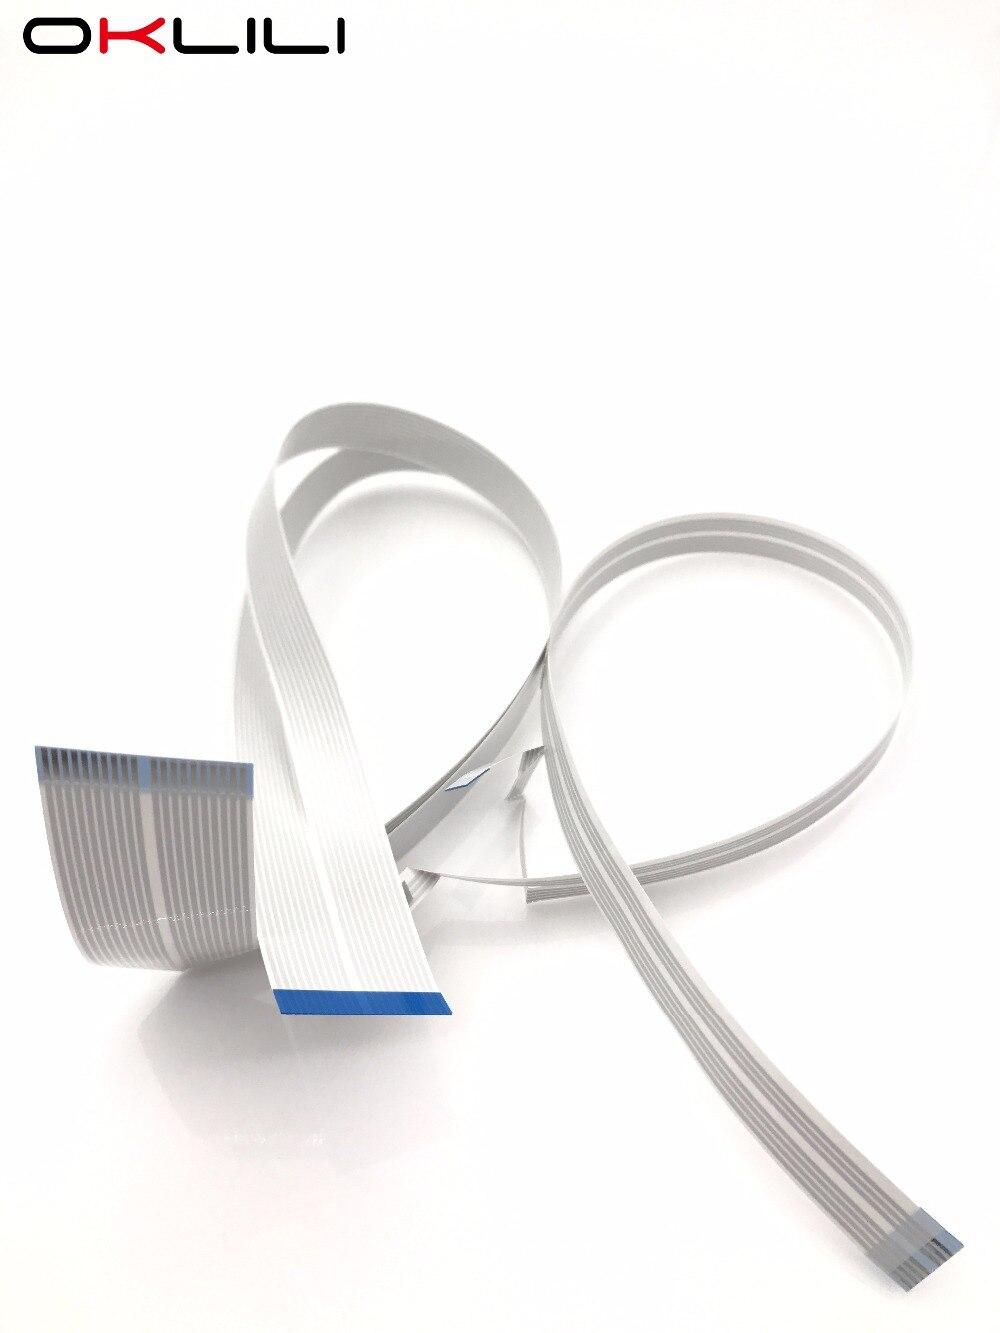 Imprimir Cable de la cabeza de transporte Cable de Sensor para Epson L351 L353 L355 L358 L362 L365 L366 L381 L455 L456 L550 L551 l555 L558 L565 L566